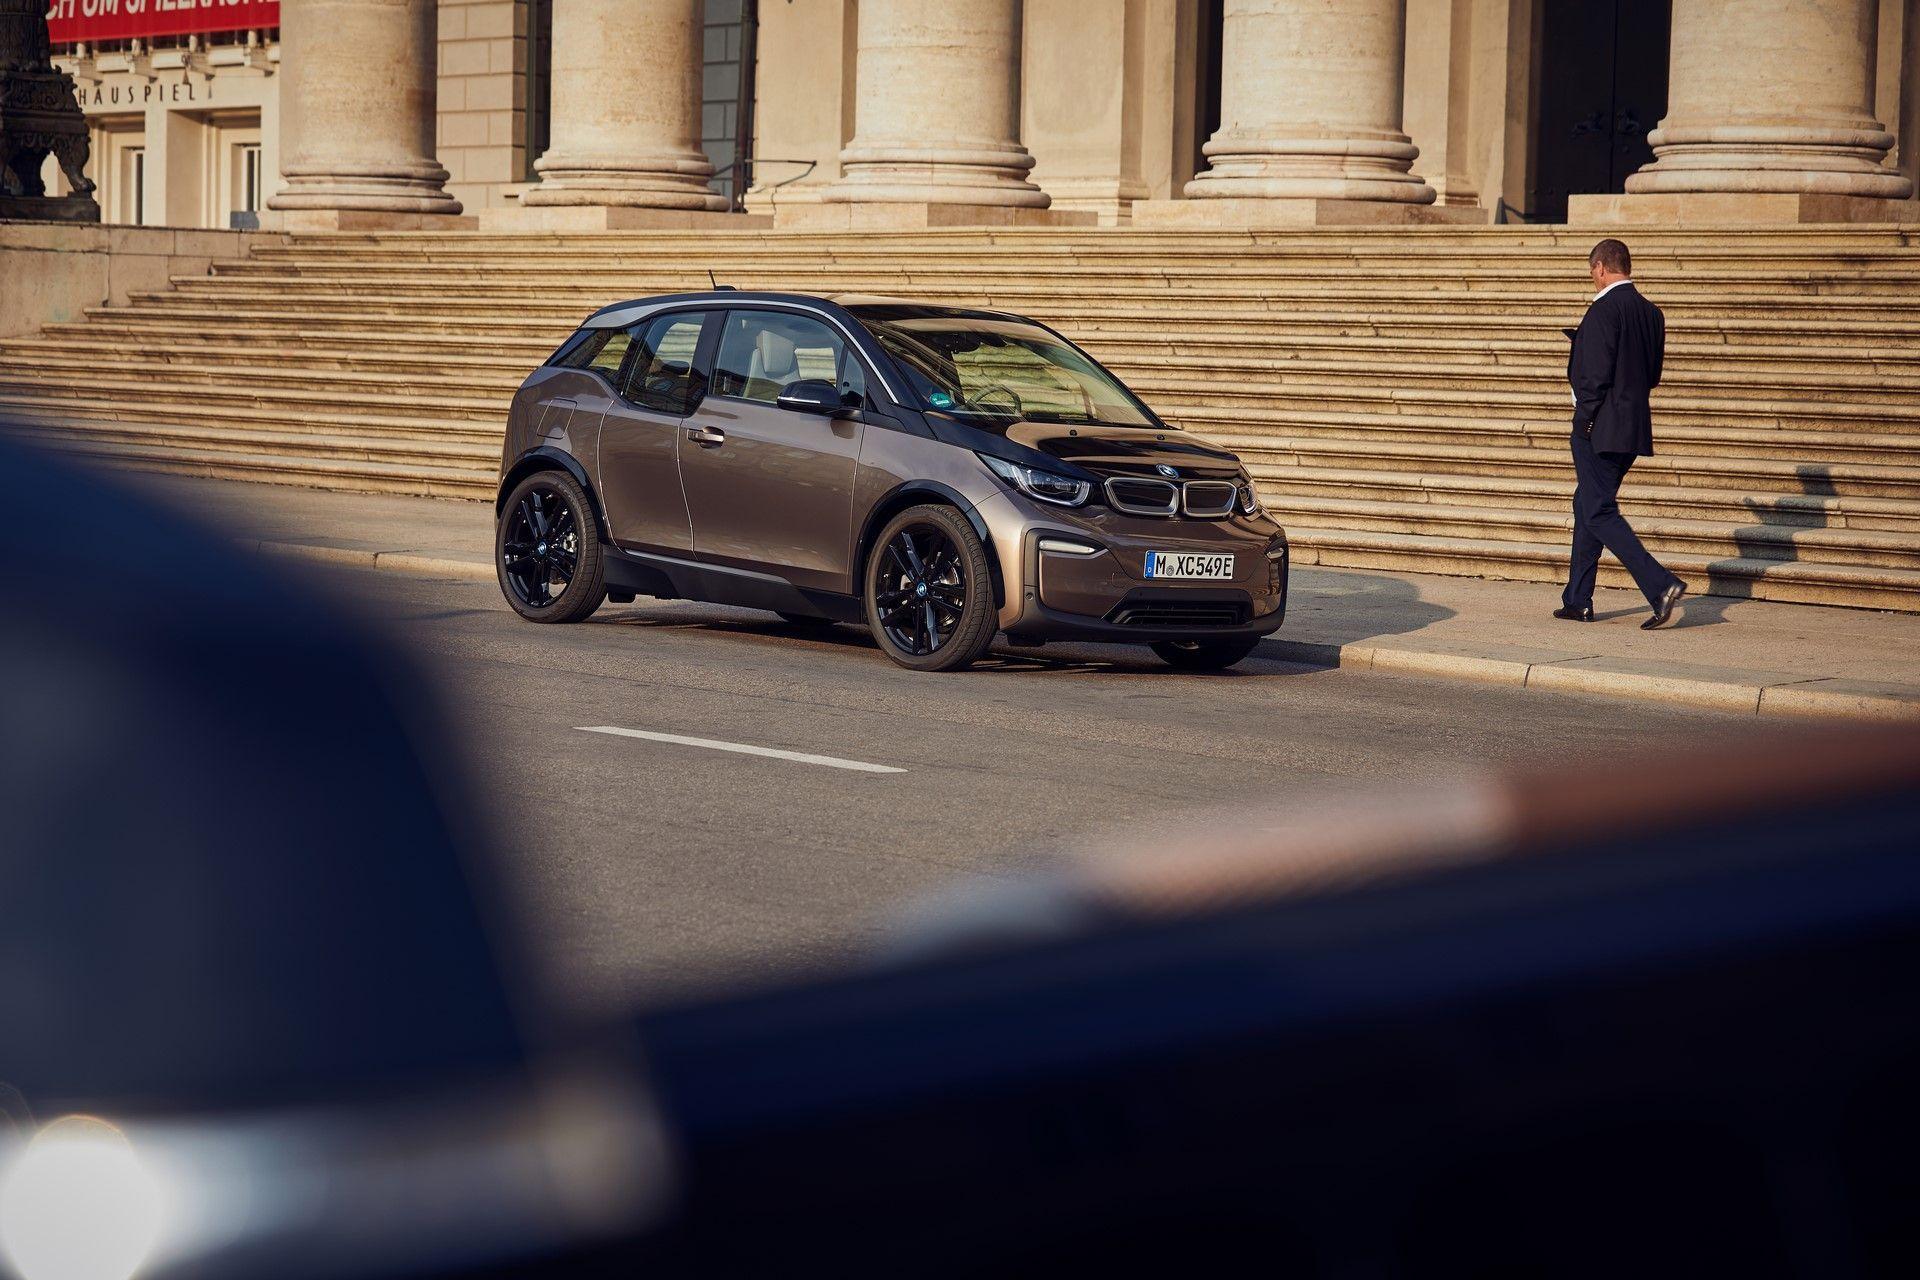 Παρκαρισμένη BMW i3 μπροστά από σκαλιά